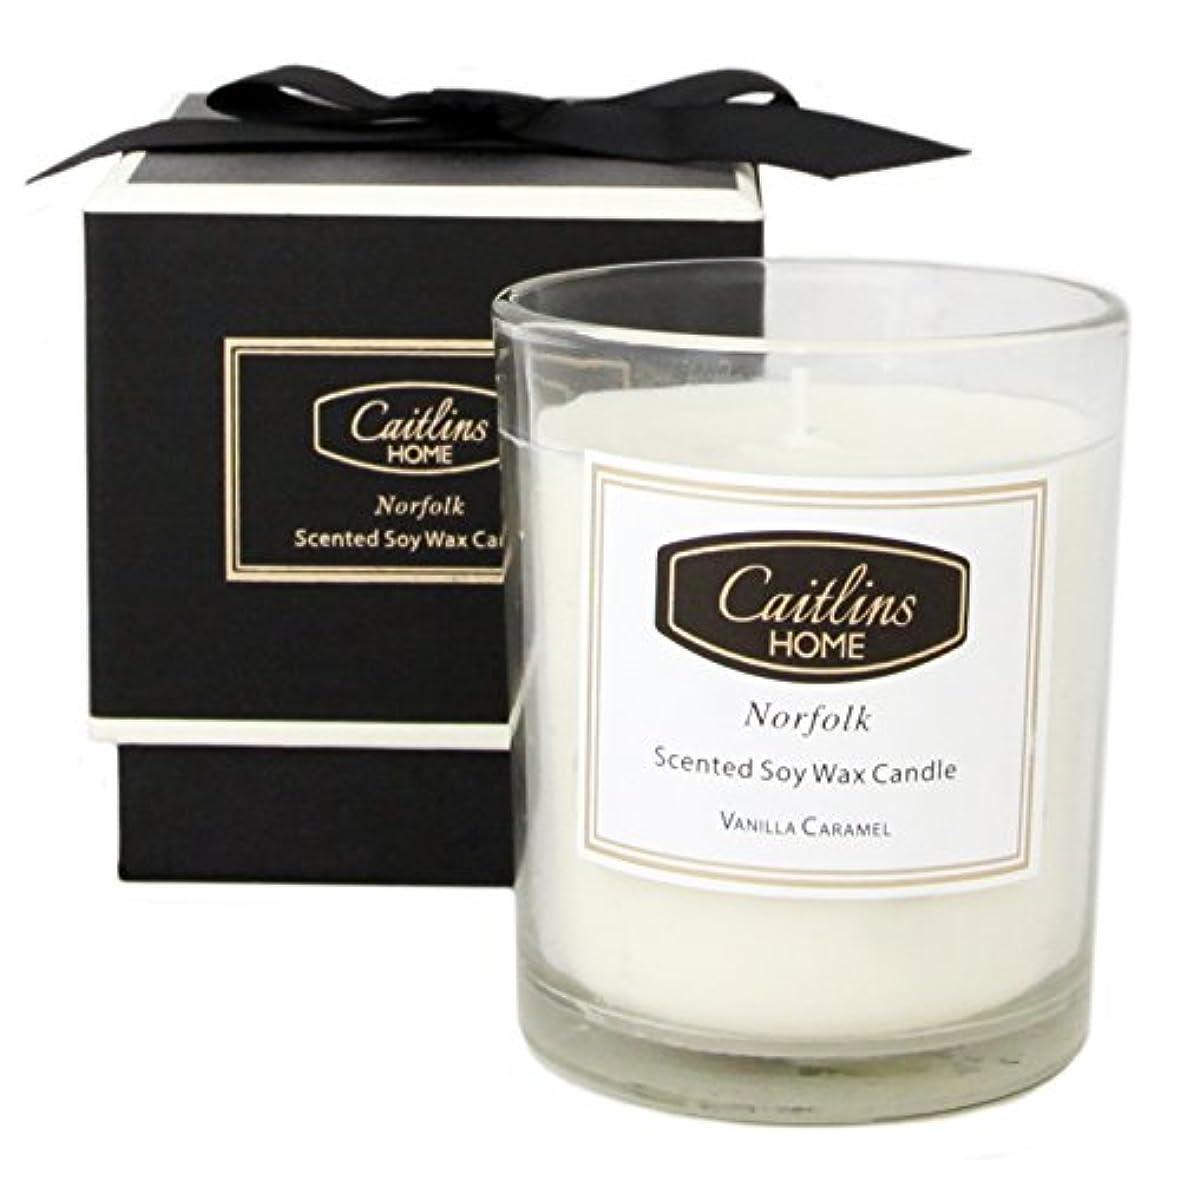 あえぎ著名なおじいちゃん(Small, Vanilla Caramel) - Vanilla Caramel Candle Soy Wax Aromatherapy Candle Home Fragrance Gift Caitlins Home